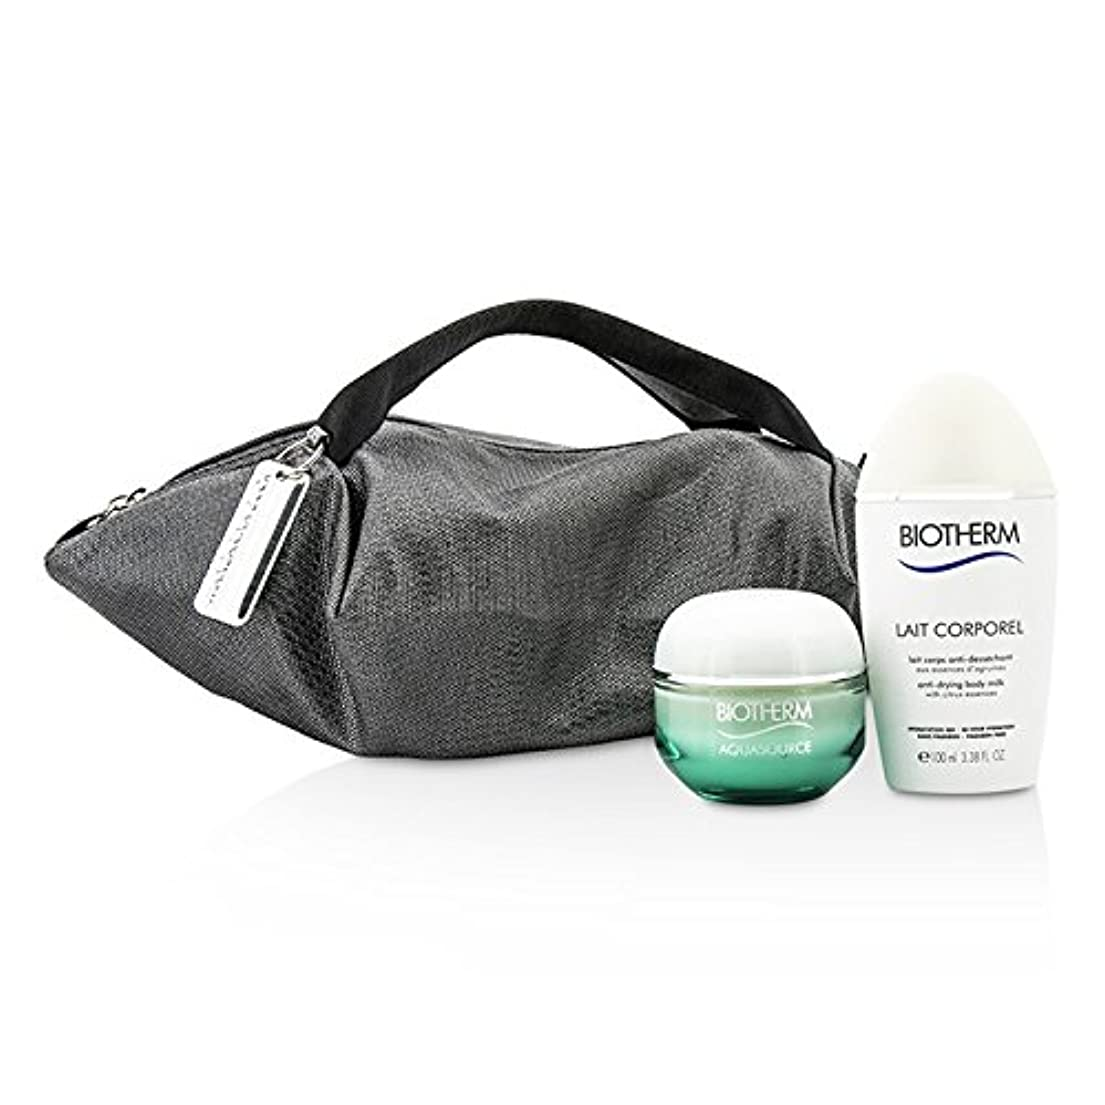 種類共和党比喩ビオテルム Aquasource & Body Care X Mandarina Duck Coffret: Cream N/C 50ml + Anti-Drying Body Care 100ml + Handle Bag 2pcs+1bag並行輸入品